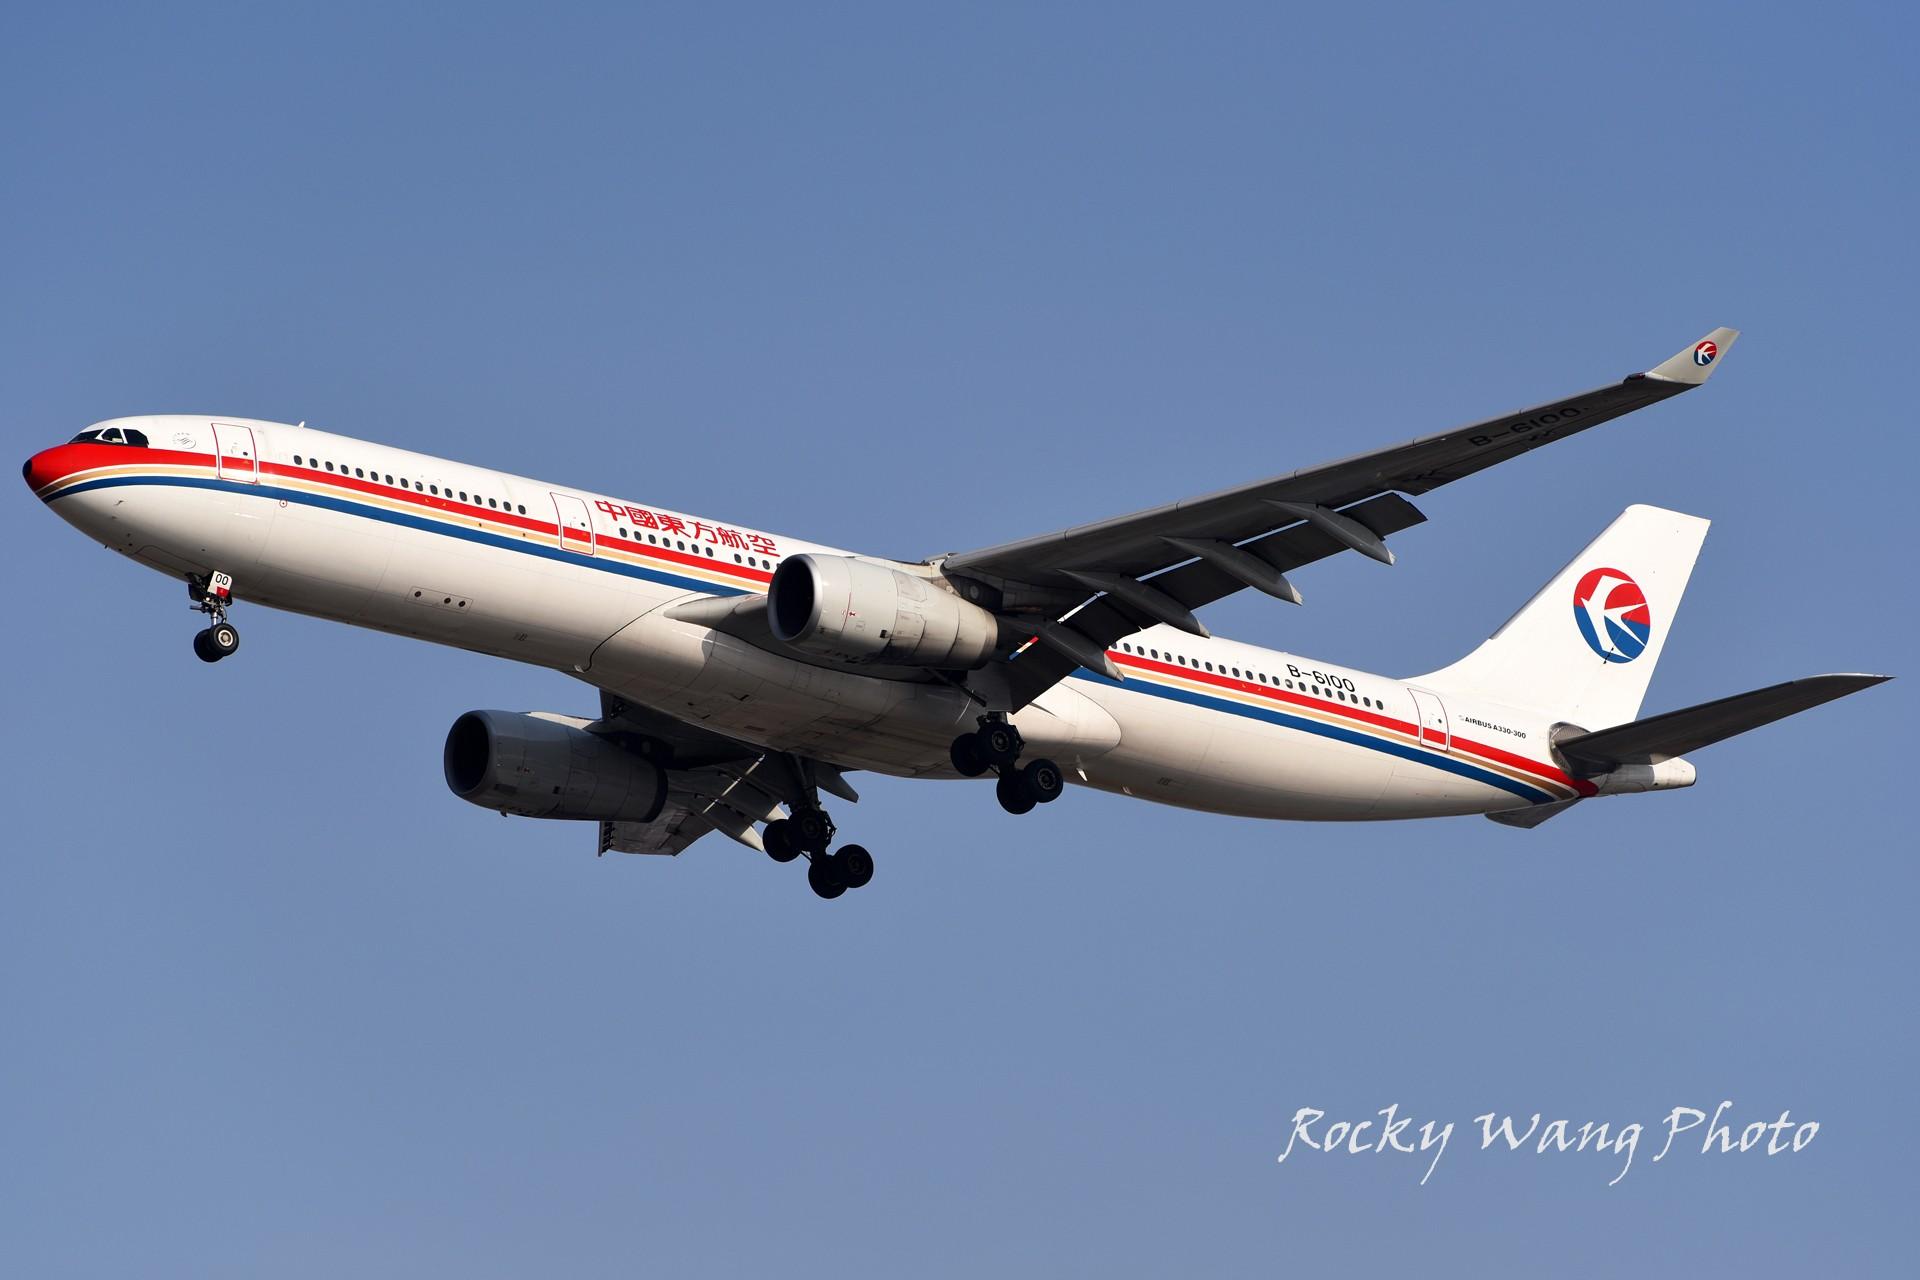 Re:[原创]杂图20张 AIRBUS A330-300 B-6100 中国上海浦东国际机场